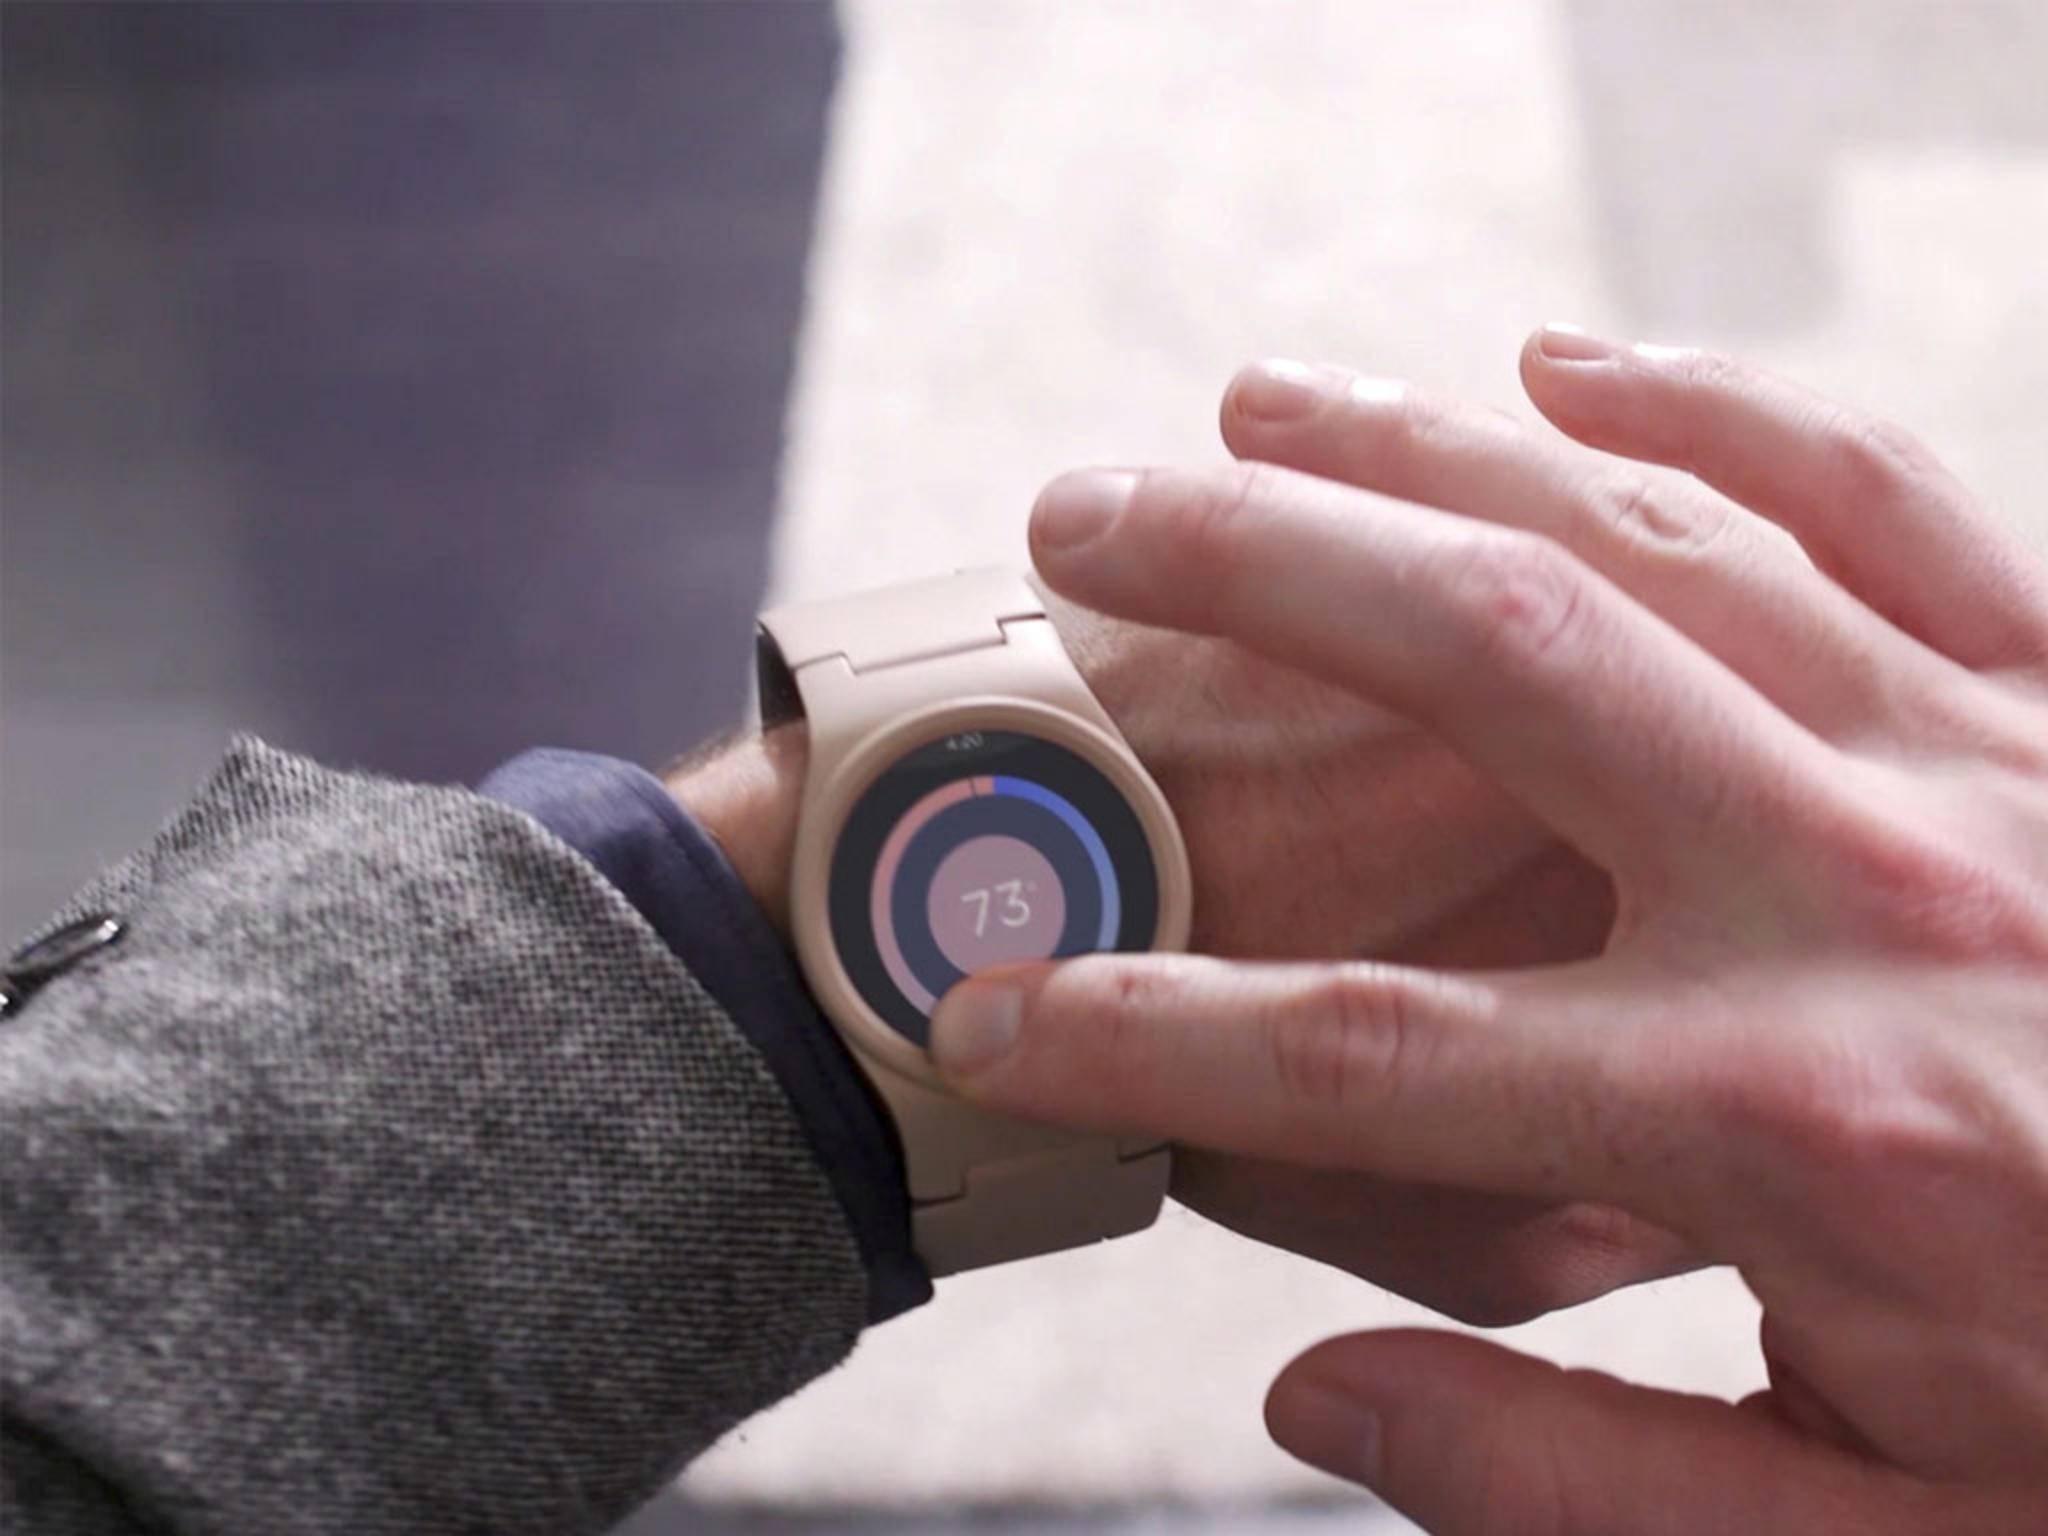 Ein Pulsmesser-Modul soll zum Start des Projekts zur Verfügung stehen.